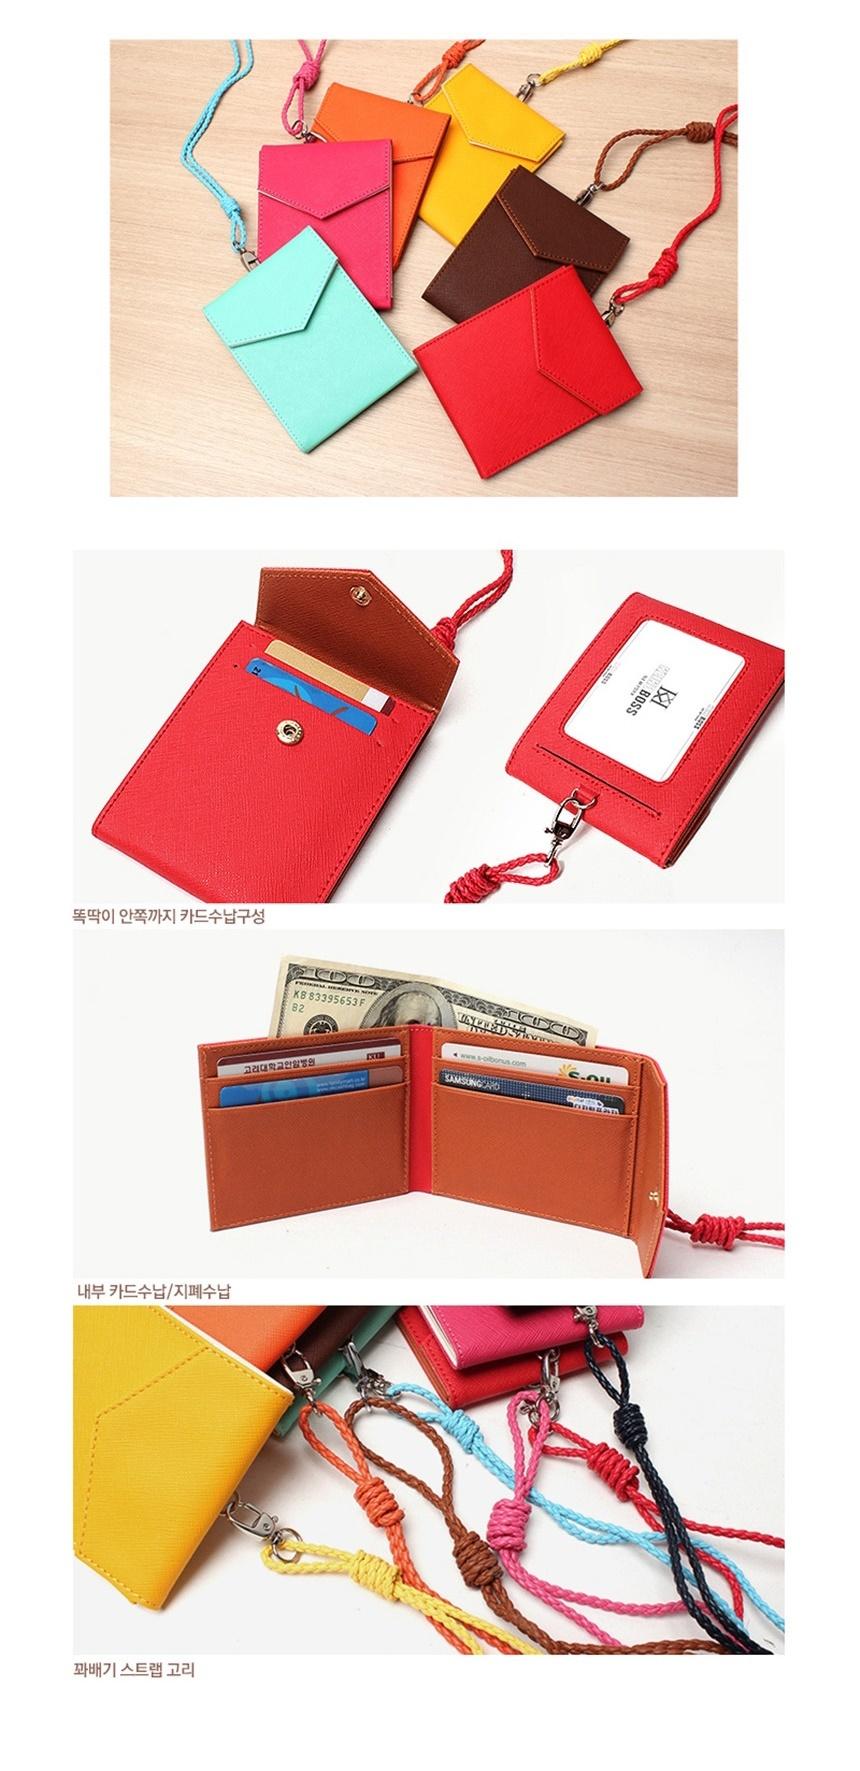 목걸이형카드지갑,목걸이형지갑,여자목걸이카드지갑